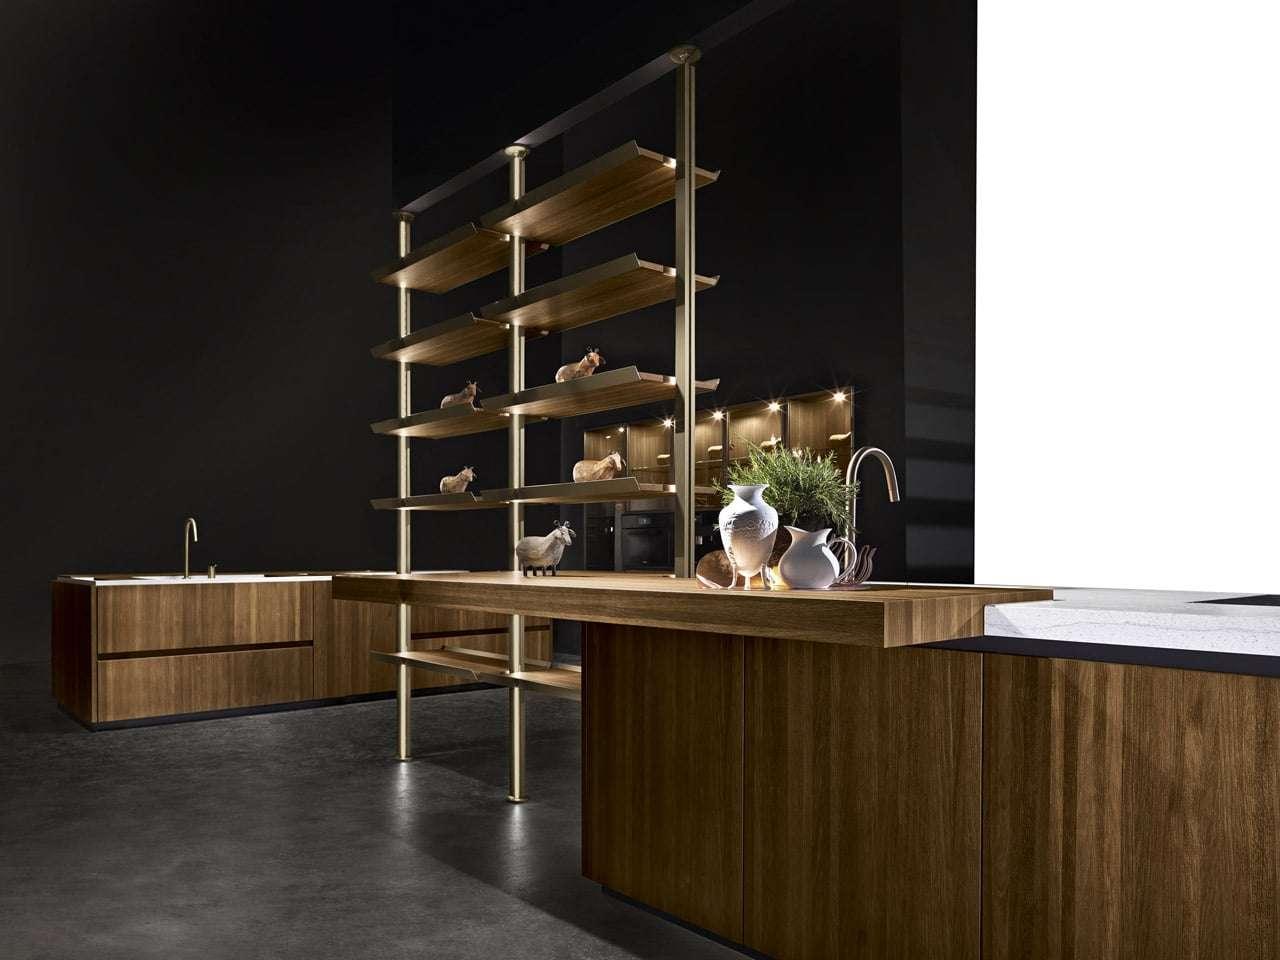 binova milano cucine di design